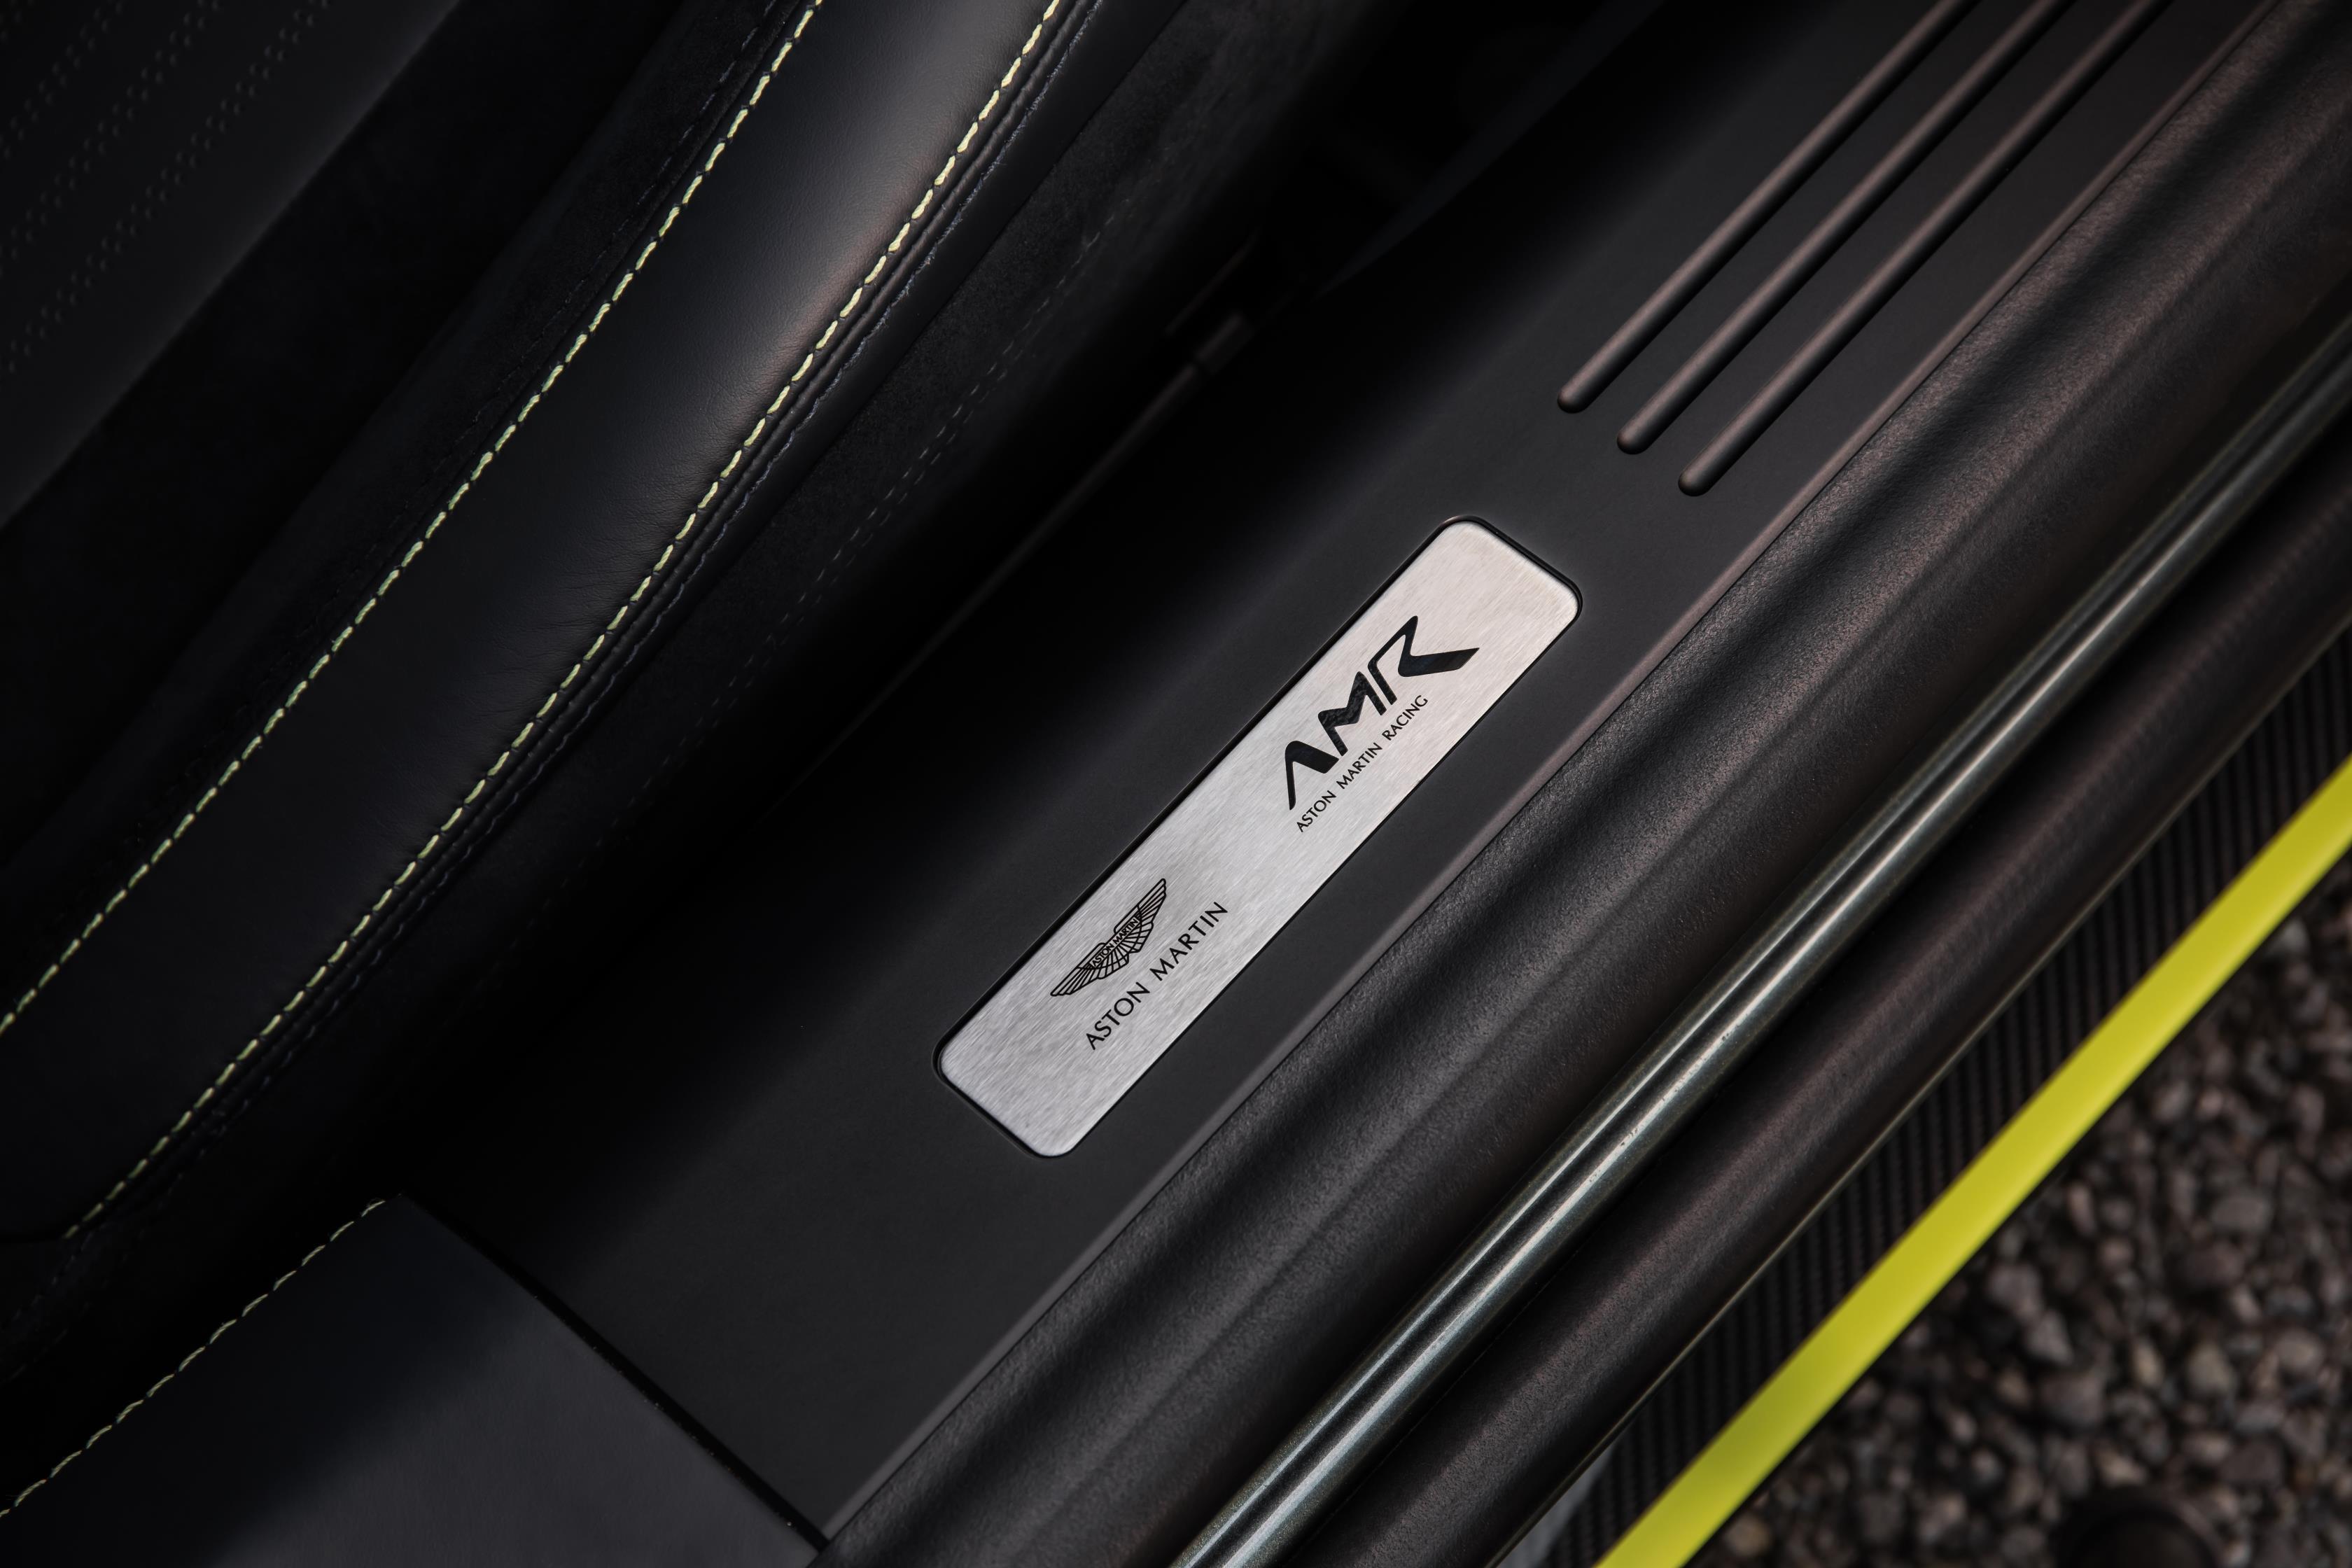 В пресс-релиз, похоже, подтверждается, что Aston Martin откажется от стандартного V12 с запуском нового AMR.